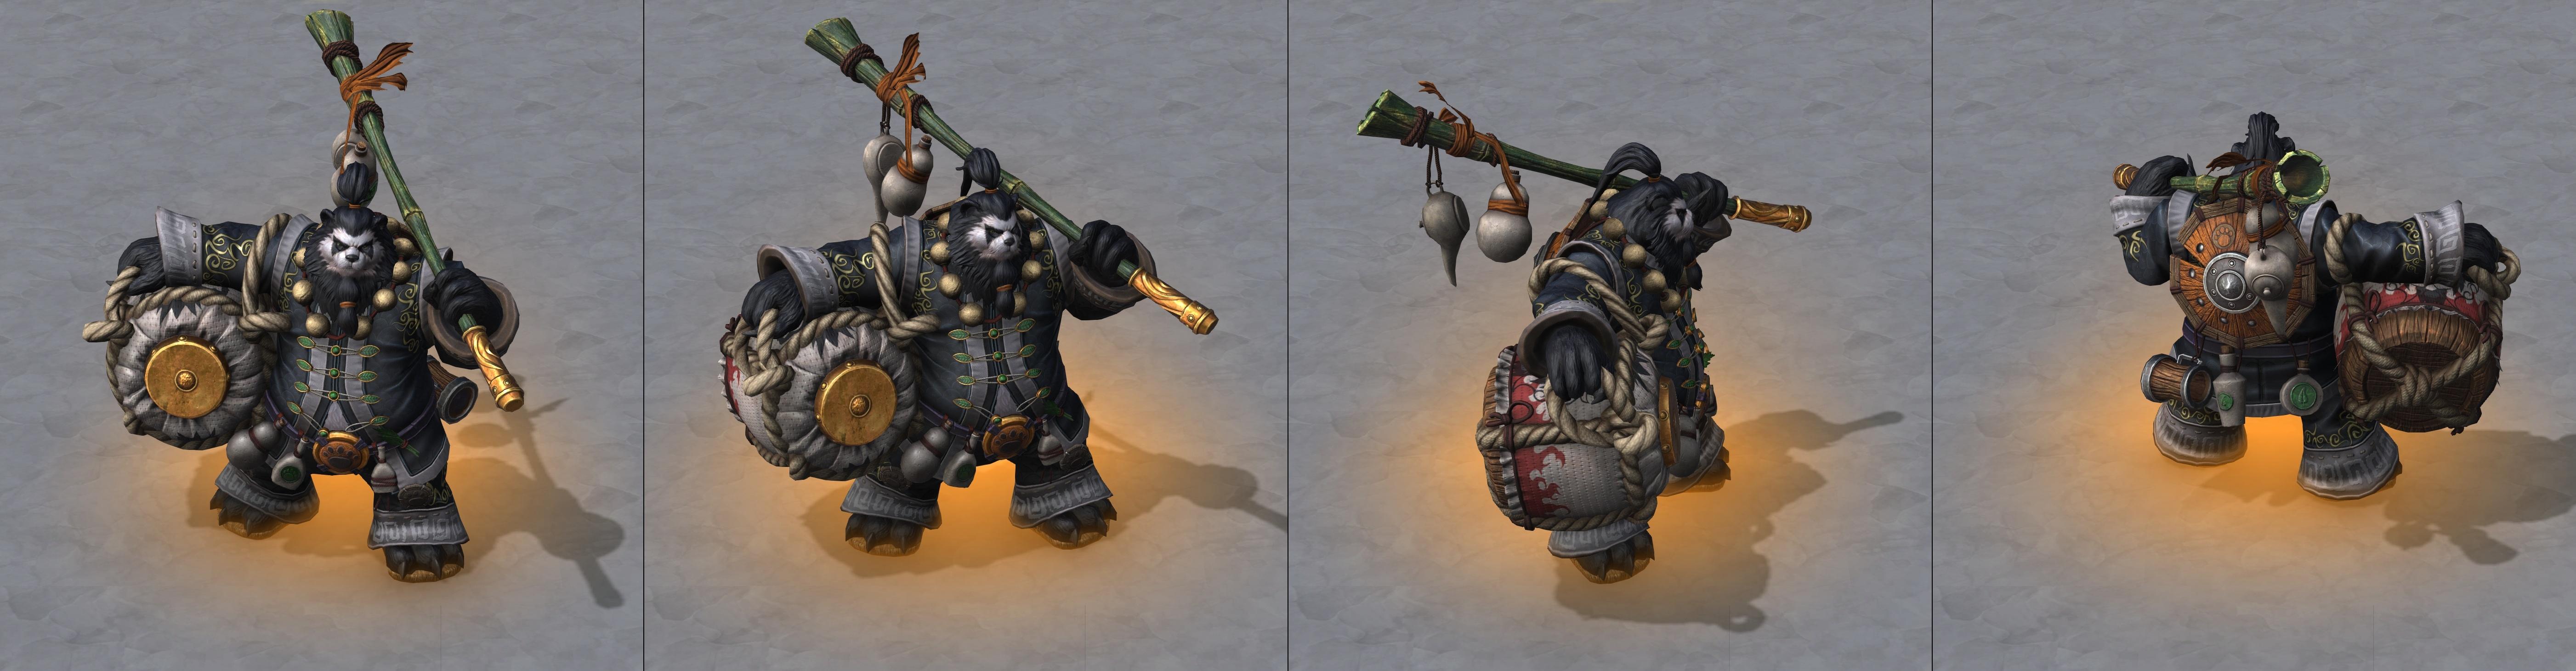 Утечка: озвучка и модели Сильваны, Артаса, Джайны и других персонажей Wacraft III: Reforged 1